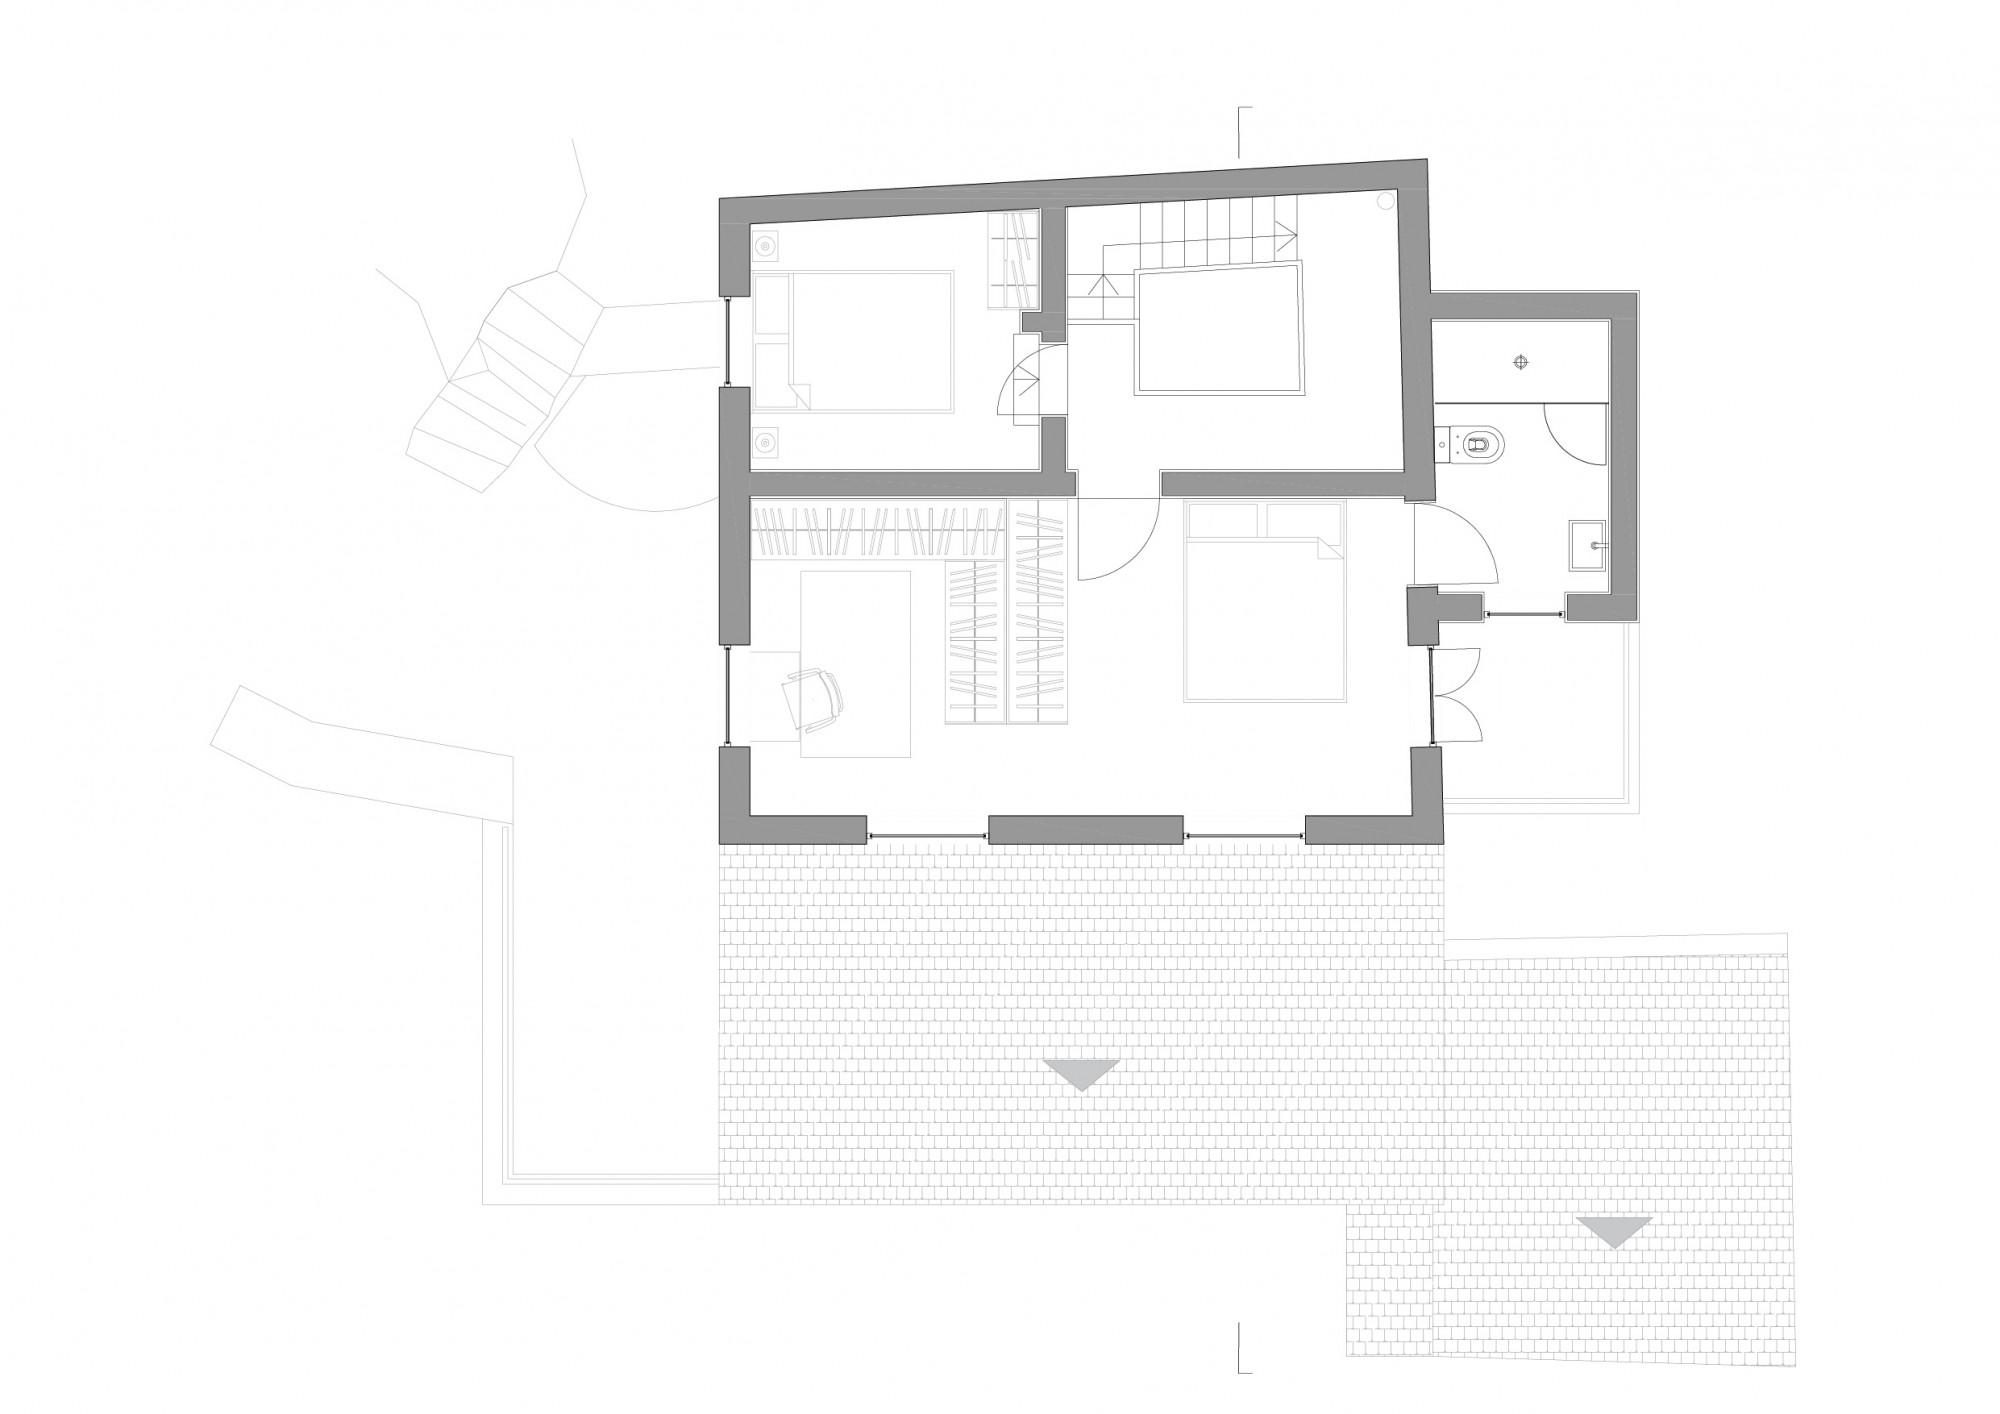 Piso 2 / 1 Floor